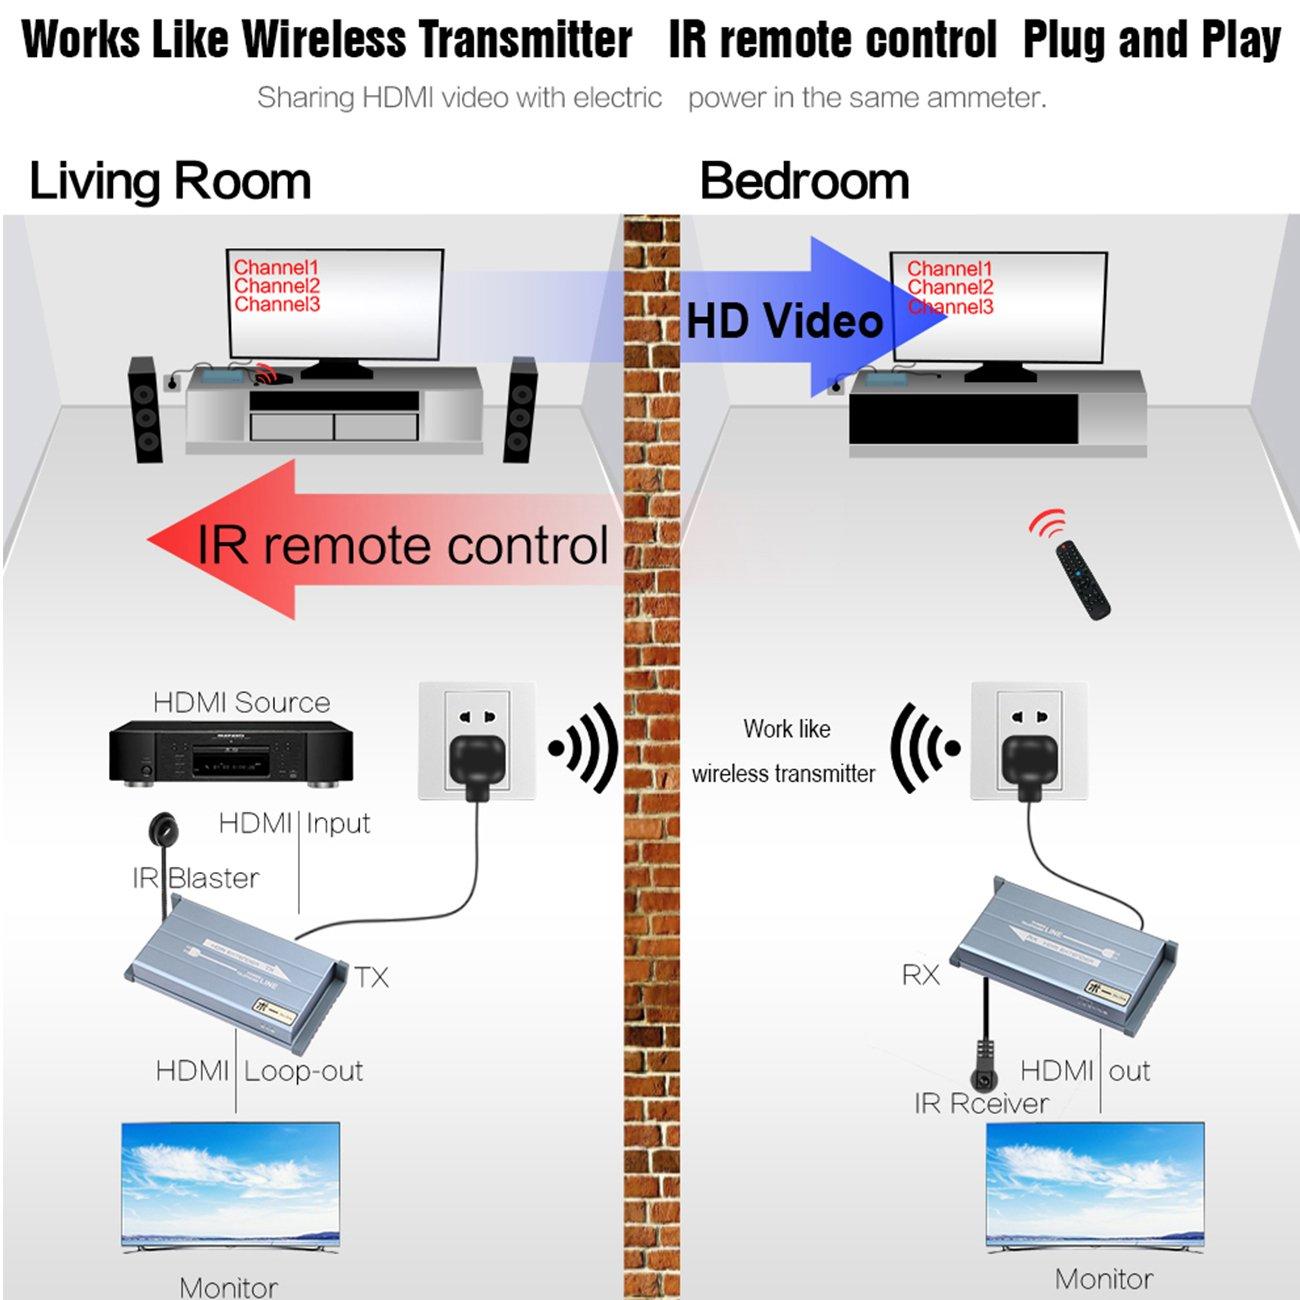 [TVPR_3874]  DCE9 Bose 321 Hdmi Wiring Diagram | Wiring Library | Bose 321 Hdmi Wiring Diagram |  | Wiring Library